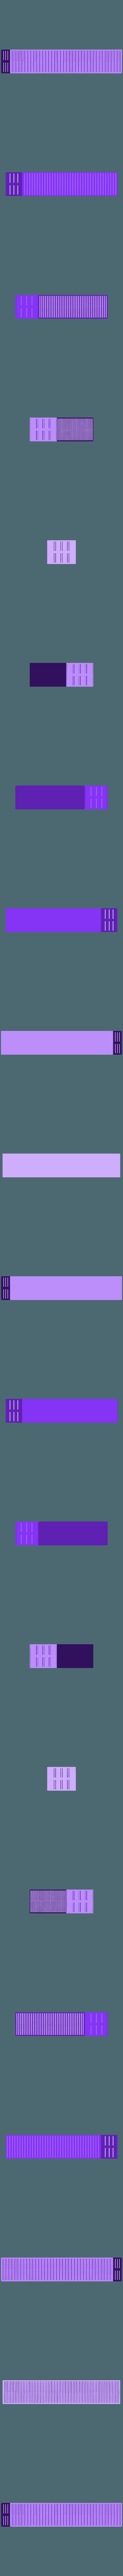 Cargo_Container_40_ft_HC.stl Télécharger fichier STL gratuit Cargo Container Set (Échelle N) • Modèle à imprimer en 3D, MFouillard